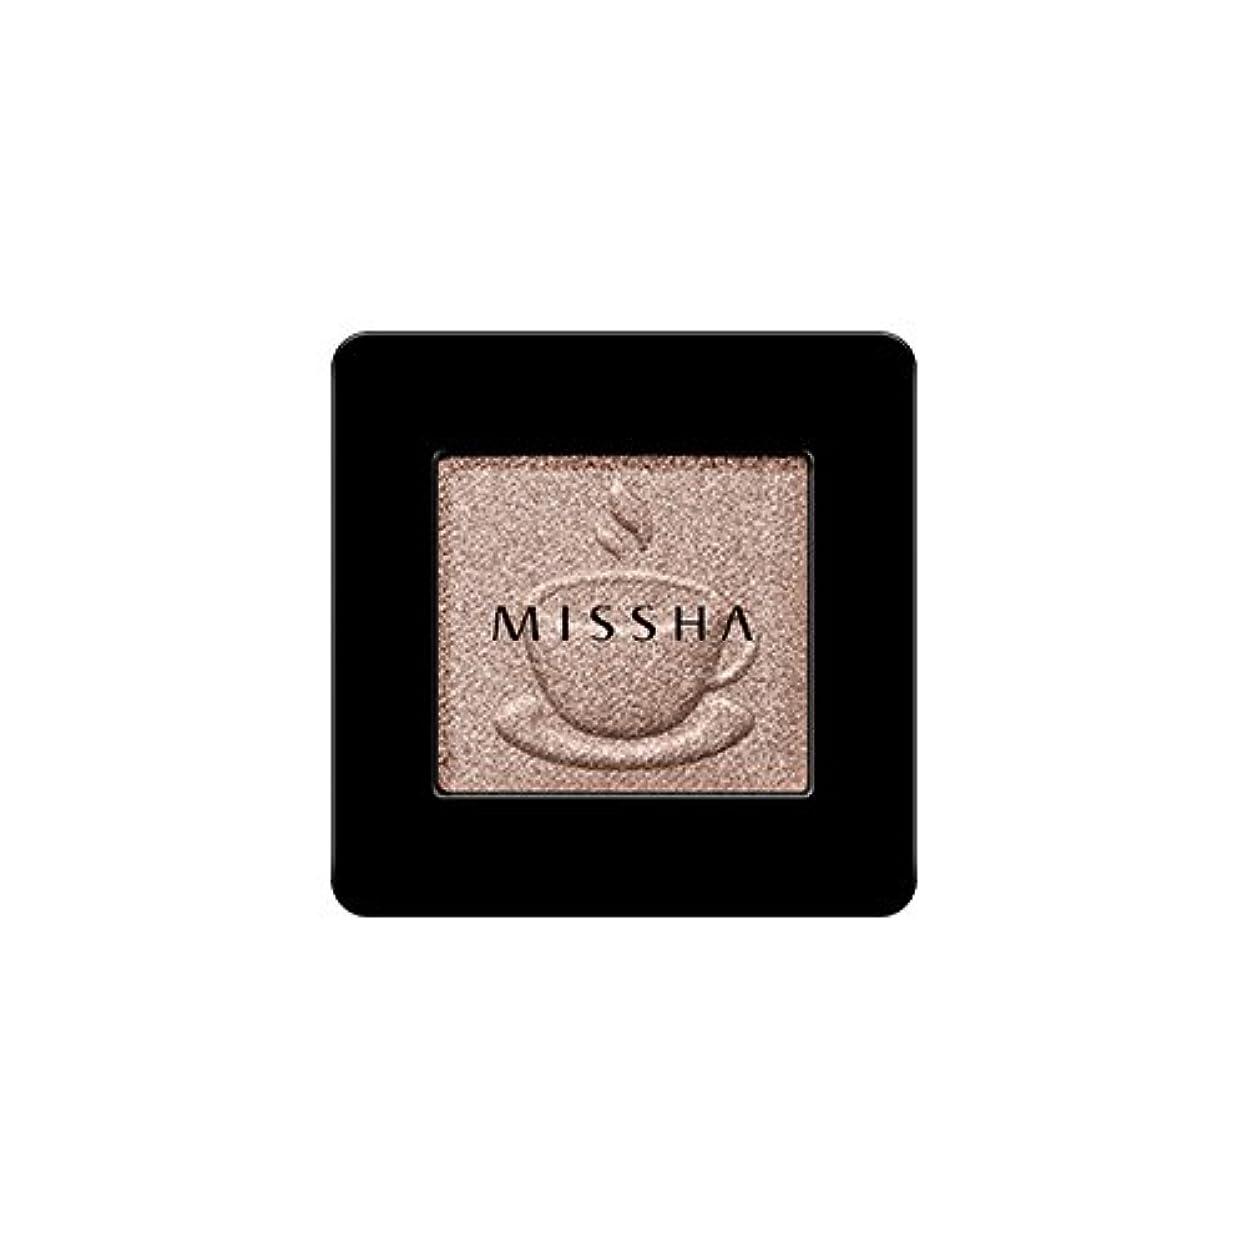 ライナー例示する消費者[2016 F/W New Color] MISSHA Modern Shadow [Shimmer]/ミシャ モダン シャドウ [シマー] (#SBE03 Chocolate Beige)